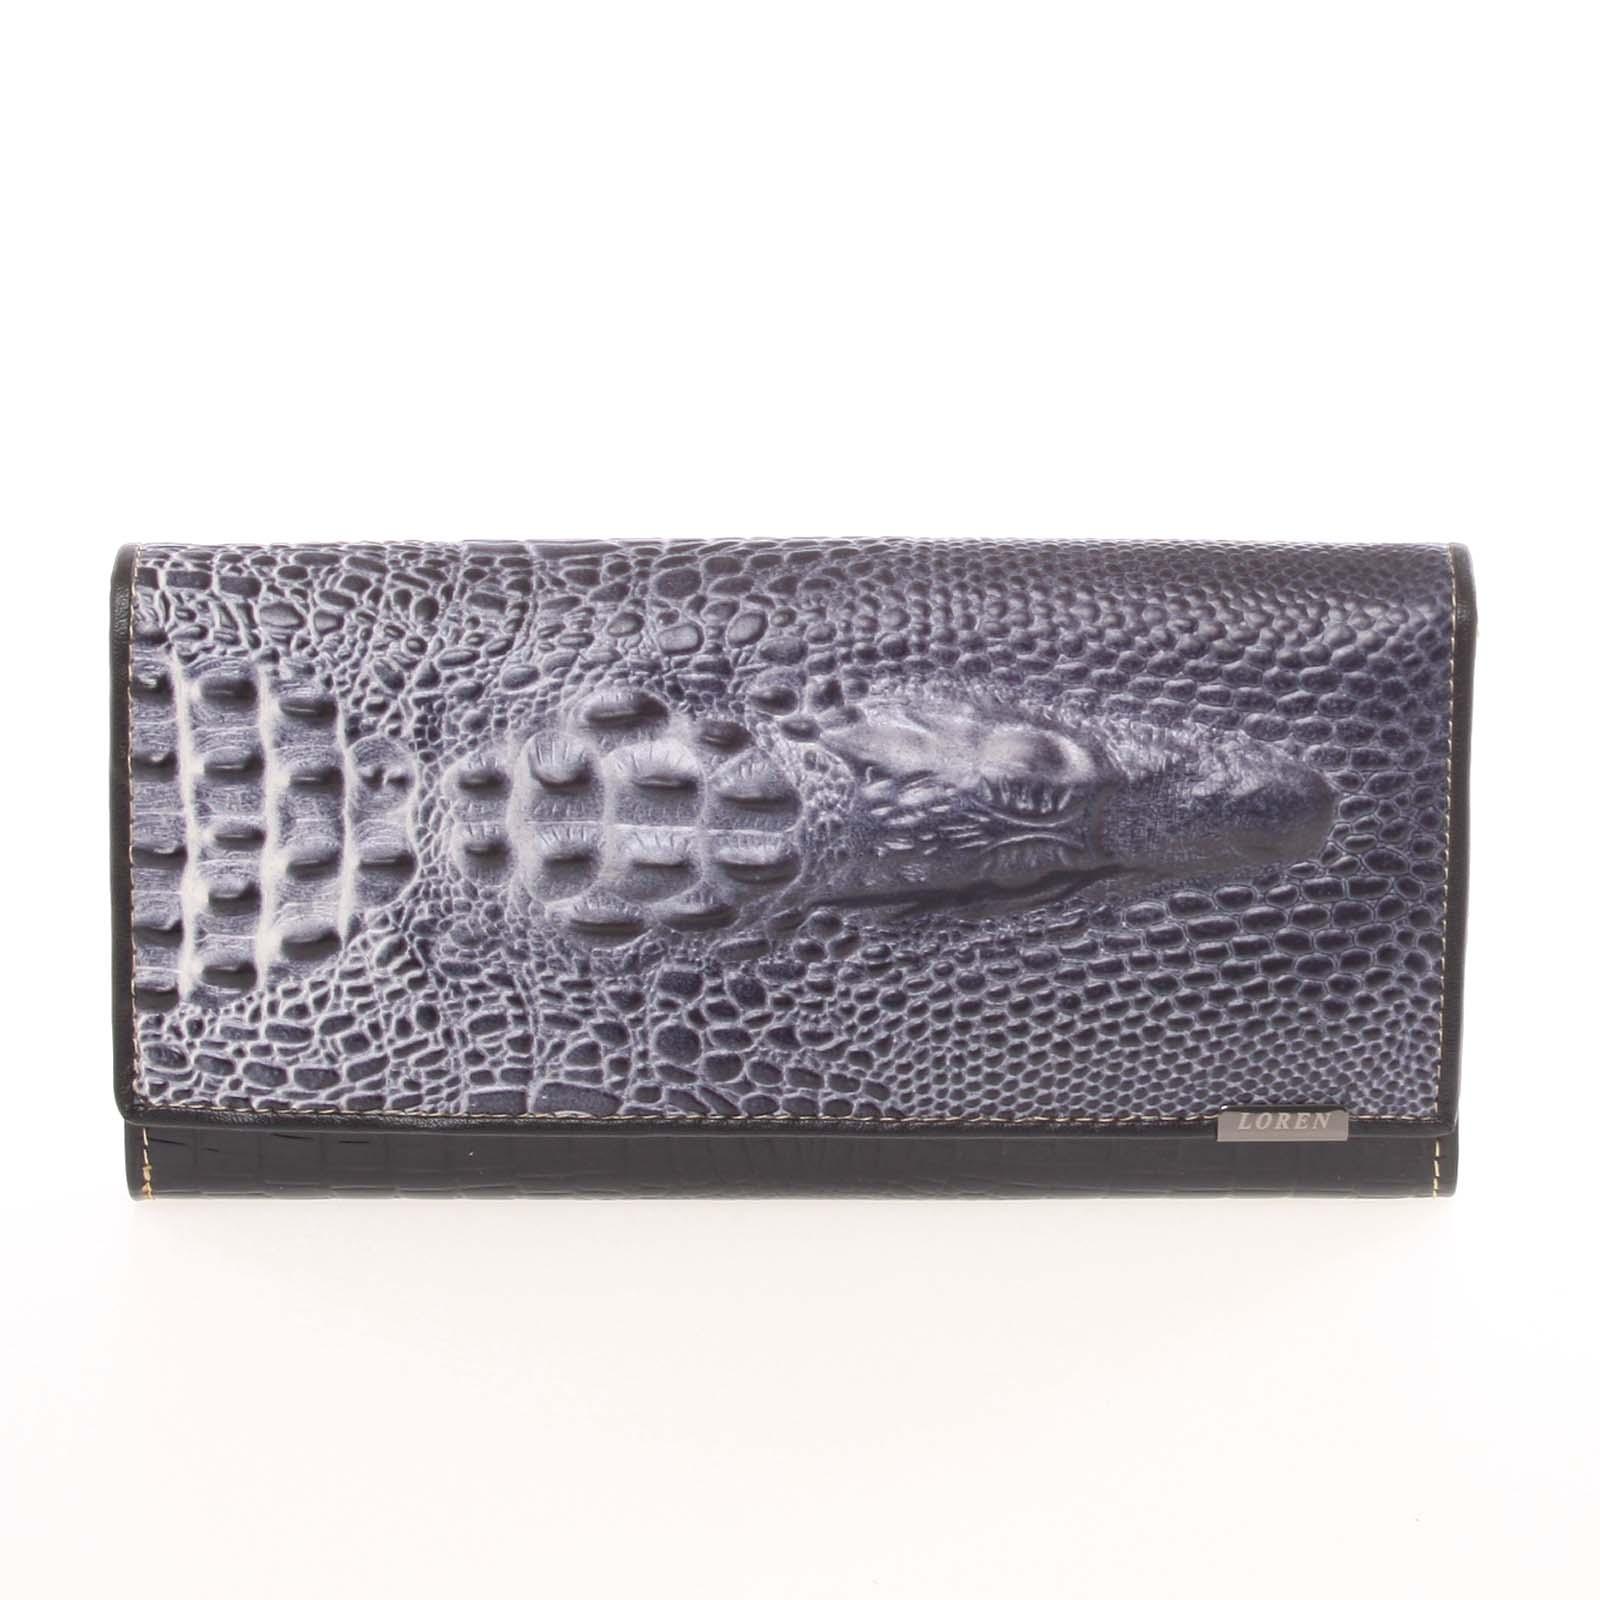 Jedinečná čierna pololakovaná peňaženka - Loren Croko